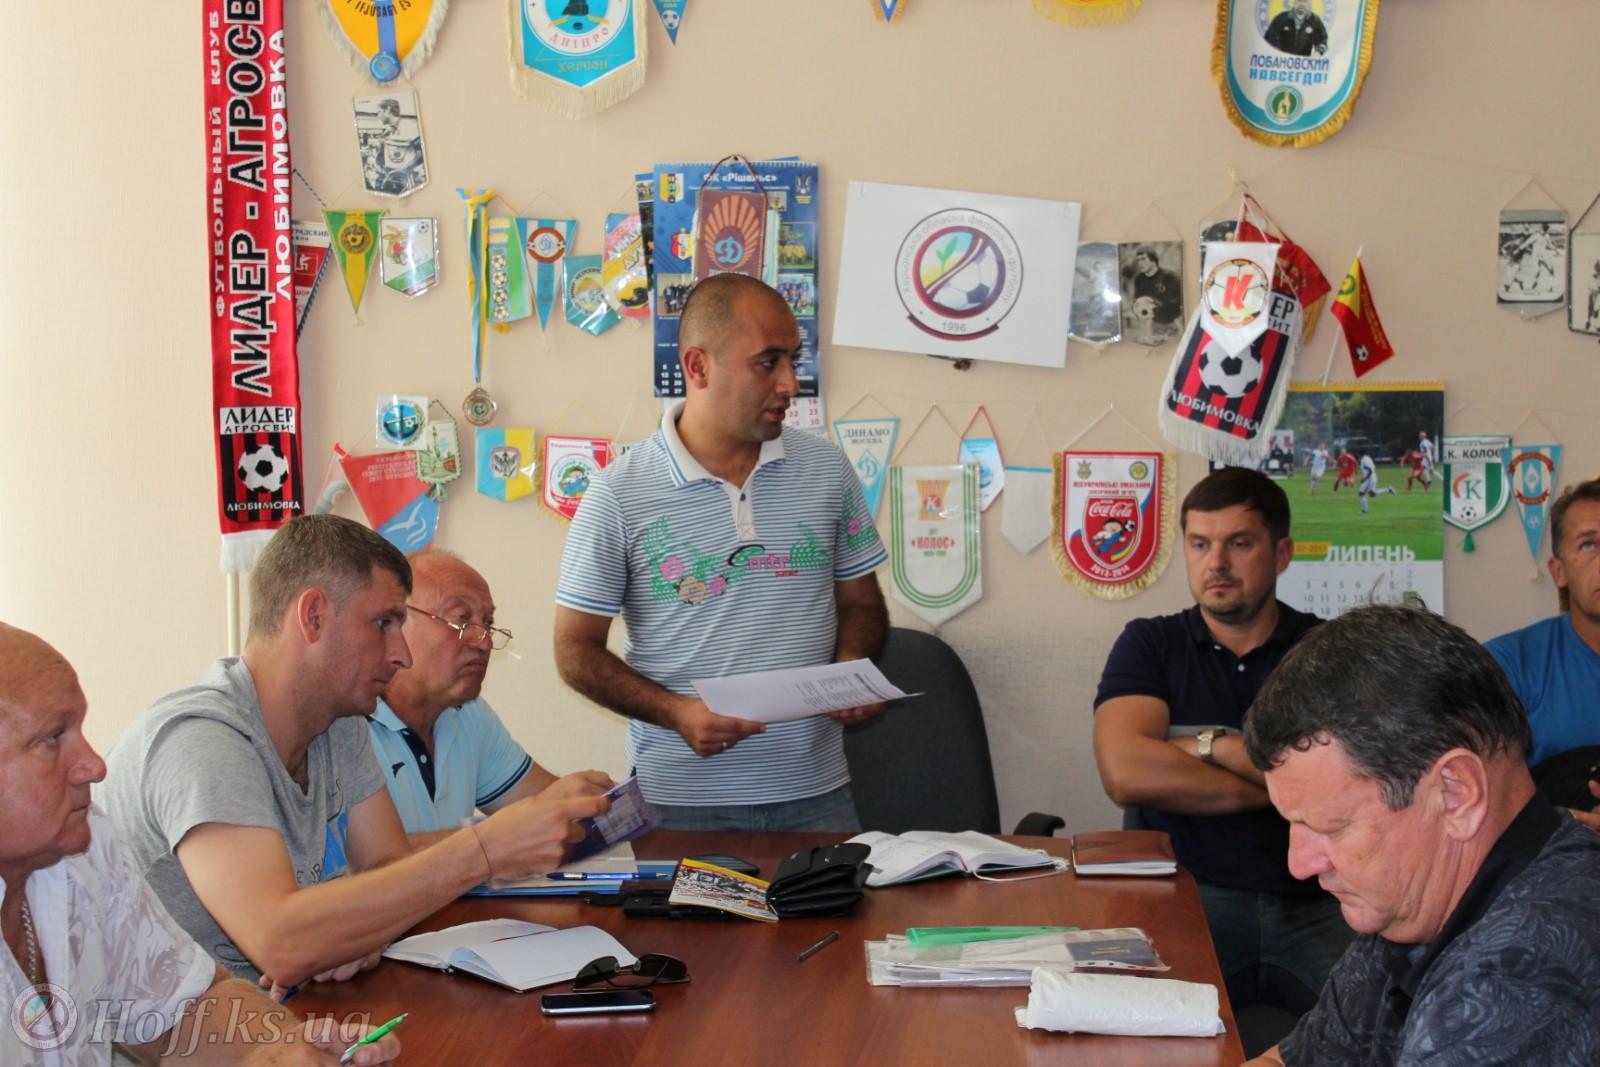 У зв'язку з початком Першості Херсонської області серед юнаків запрошуємо на нараду керівників шкільних футбольних команд!